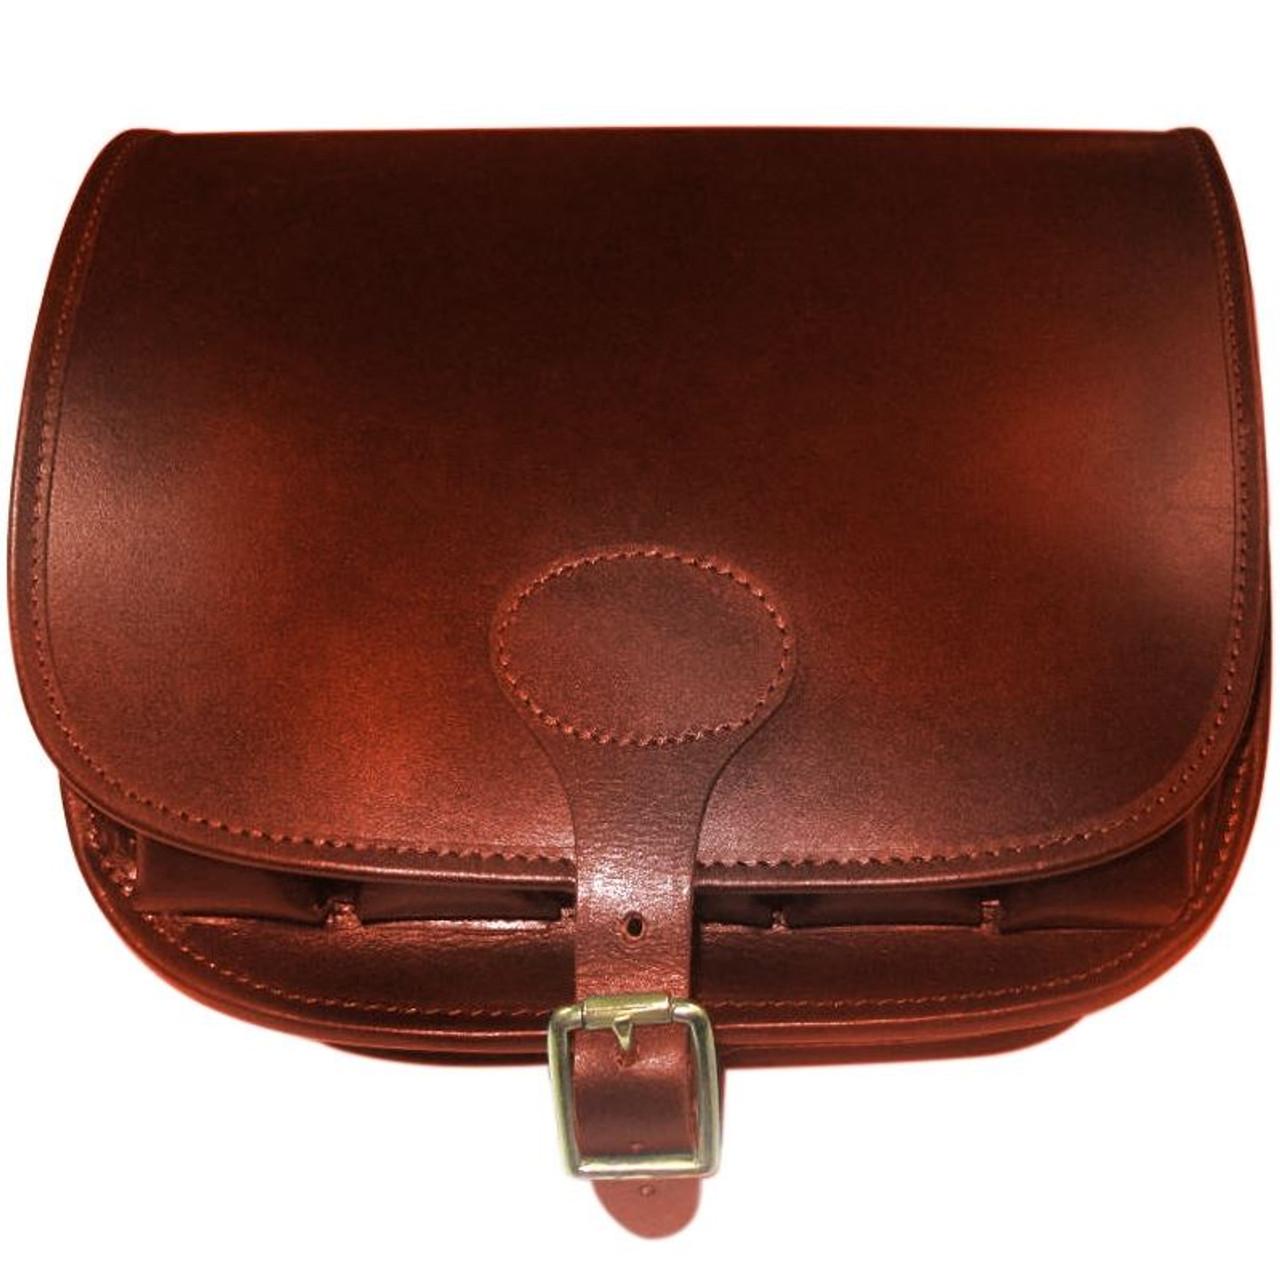 Teales Premier Leather Loader Bag in Harness Brown